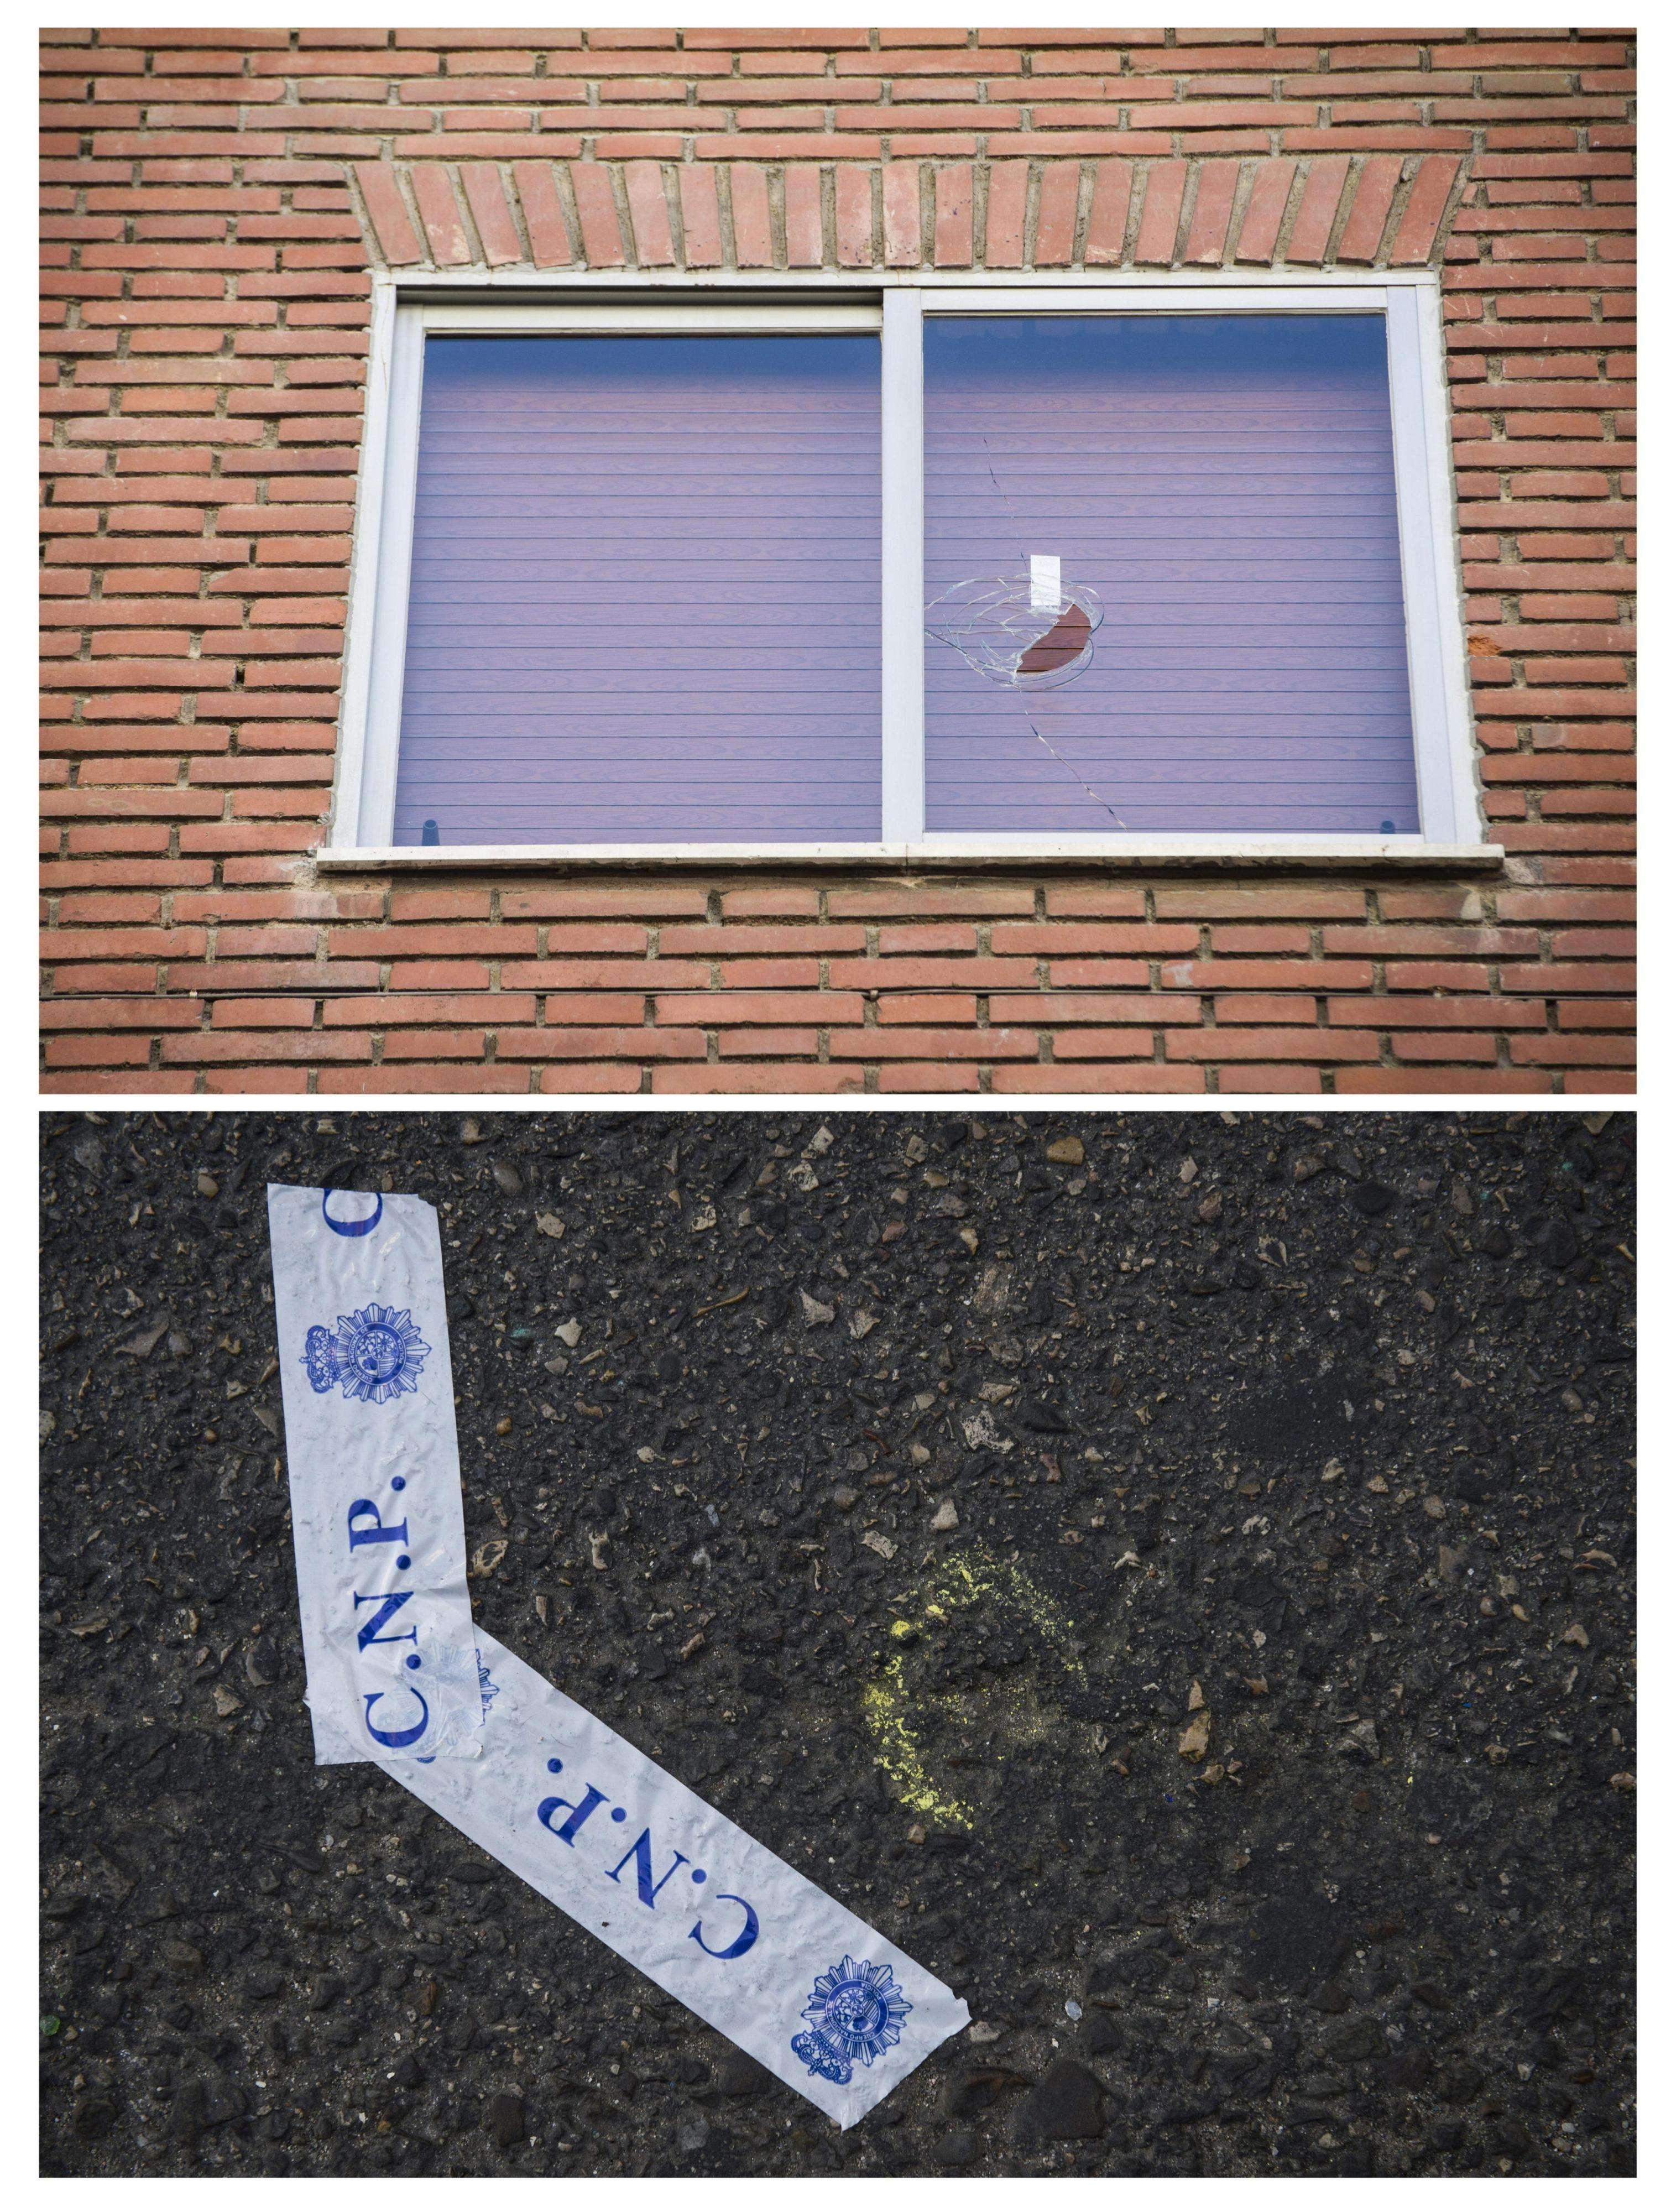 Fotografías en las que se aprecian los impactos de bala, en una ventana y en el asfalto, respectivamente, de los disparos efectuados en la tarde de ayer por un guardia civil con su arma reglamentaria desde la ventana de su casa situada en el número 4 de la calle Mariano Fernández en el barrio madrileño de Tetuán. Foto: EFE en español